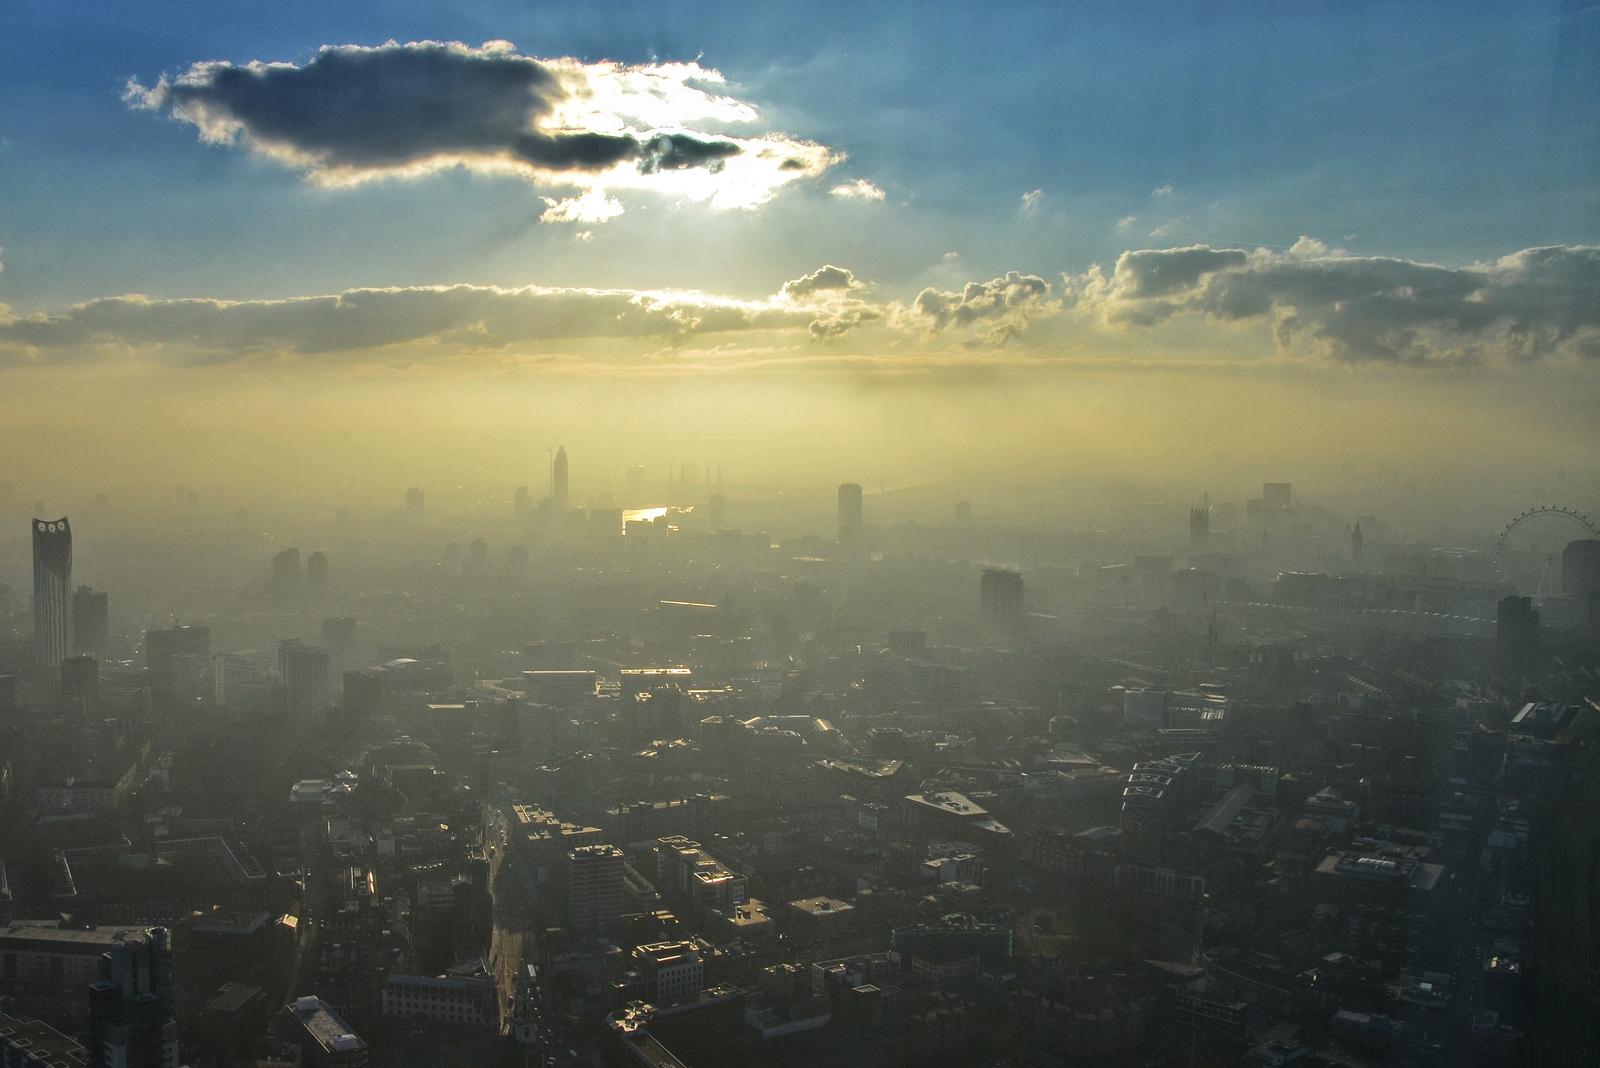 London's skyline in hazy sunlight.